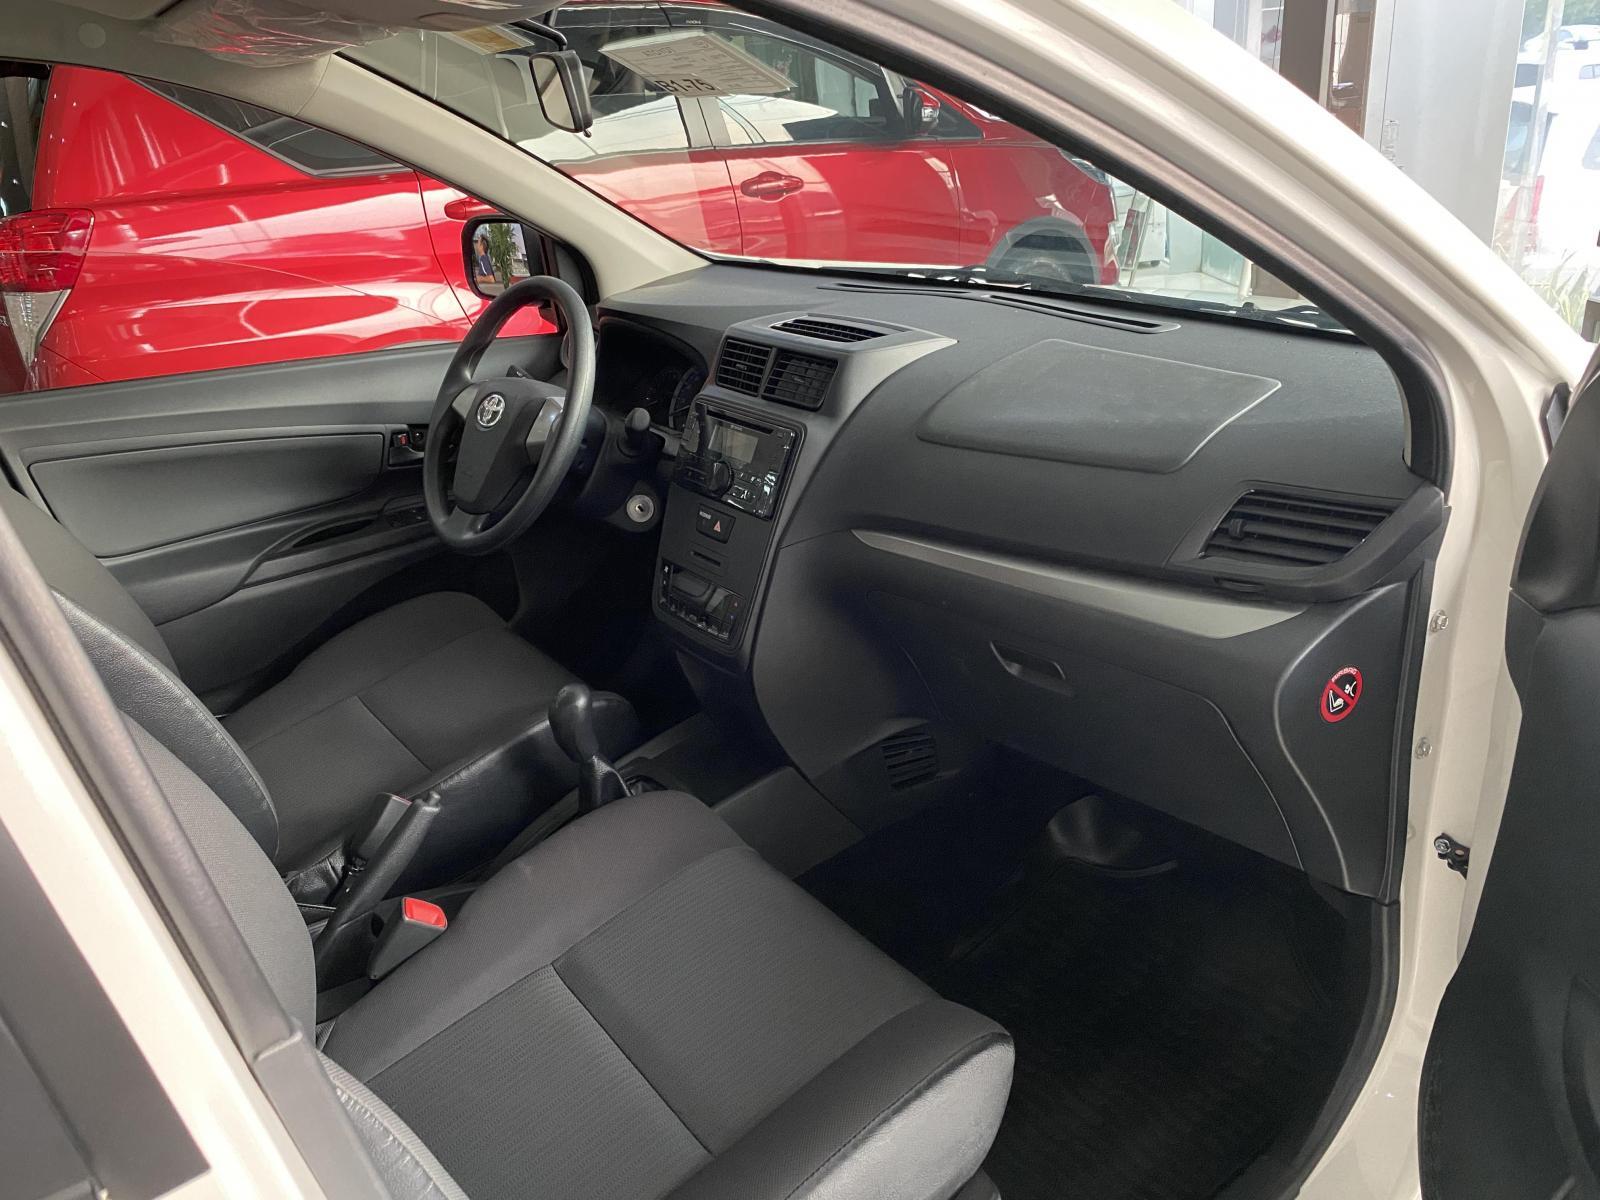 Toyota Avanza mới tại Toyota An Sương LH em Dương